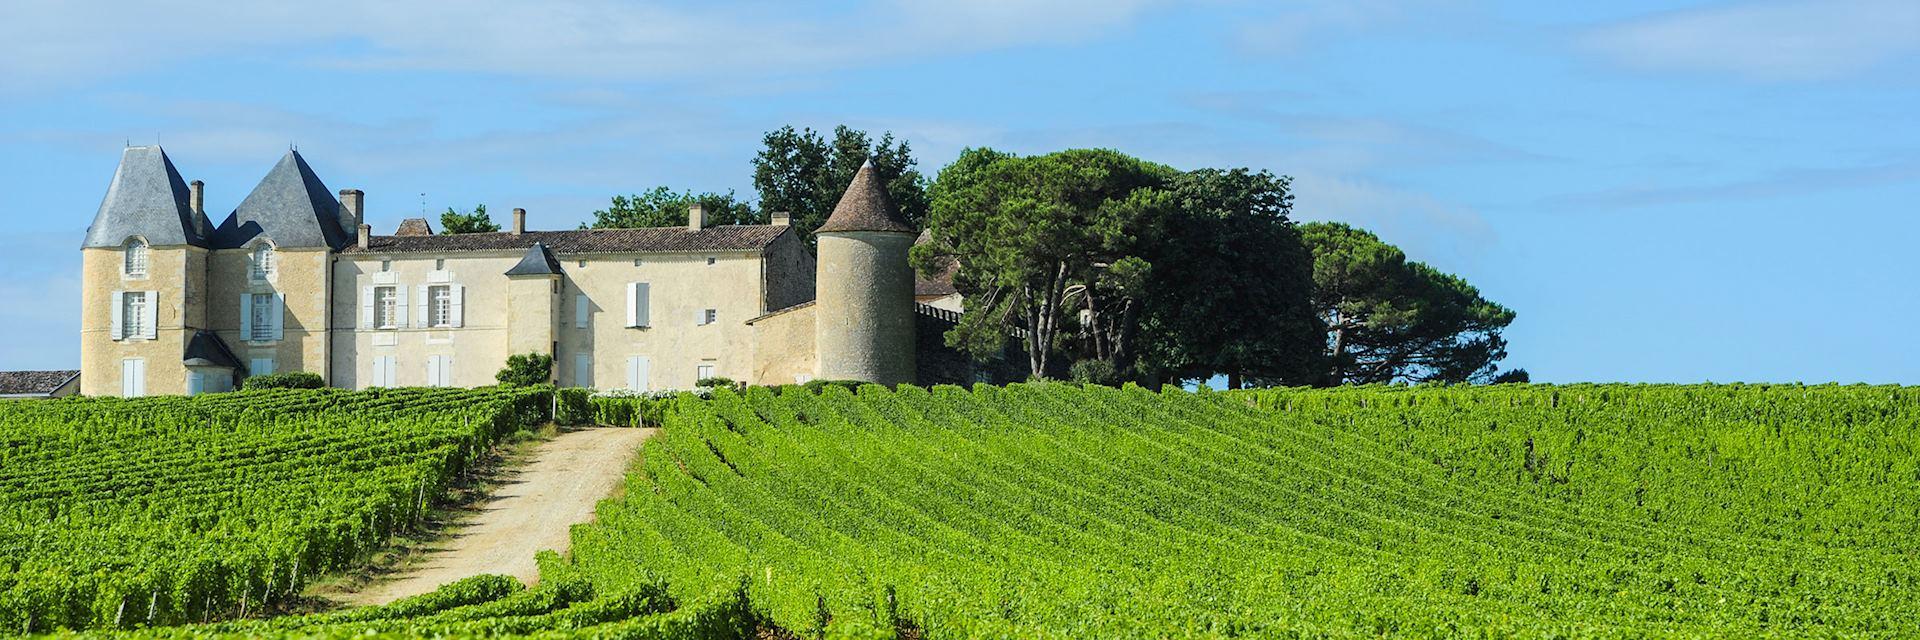 Château d'Yquem, Sauternes region